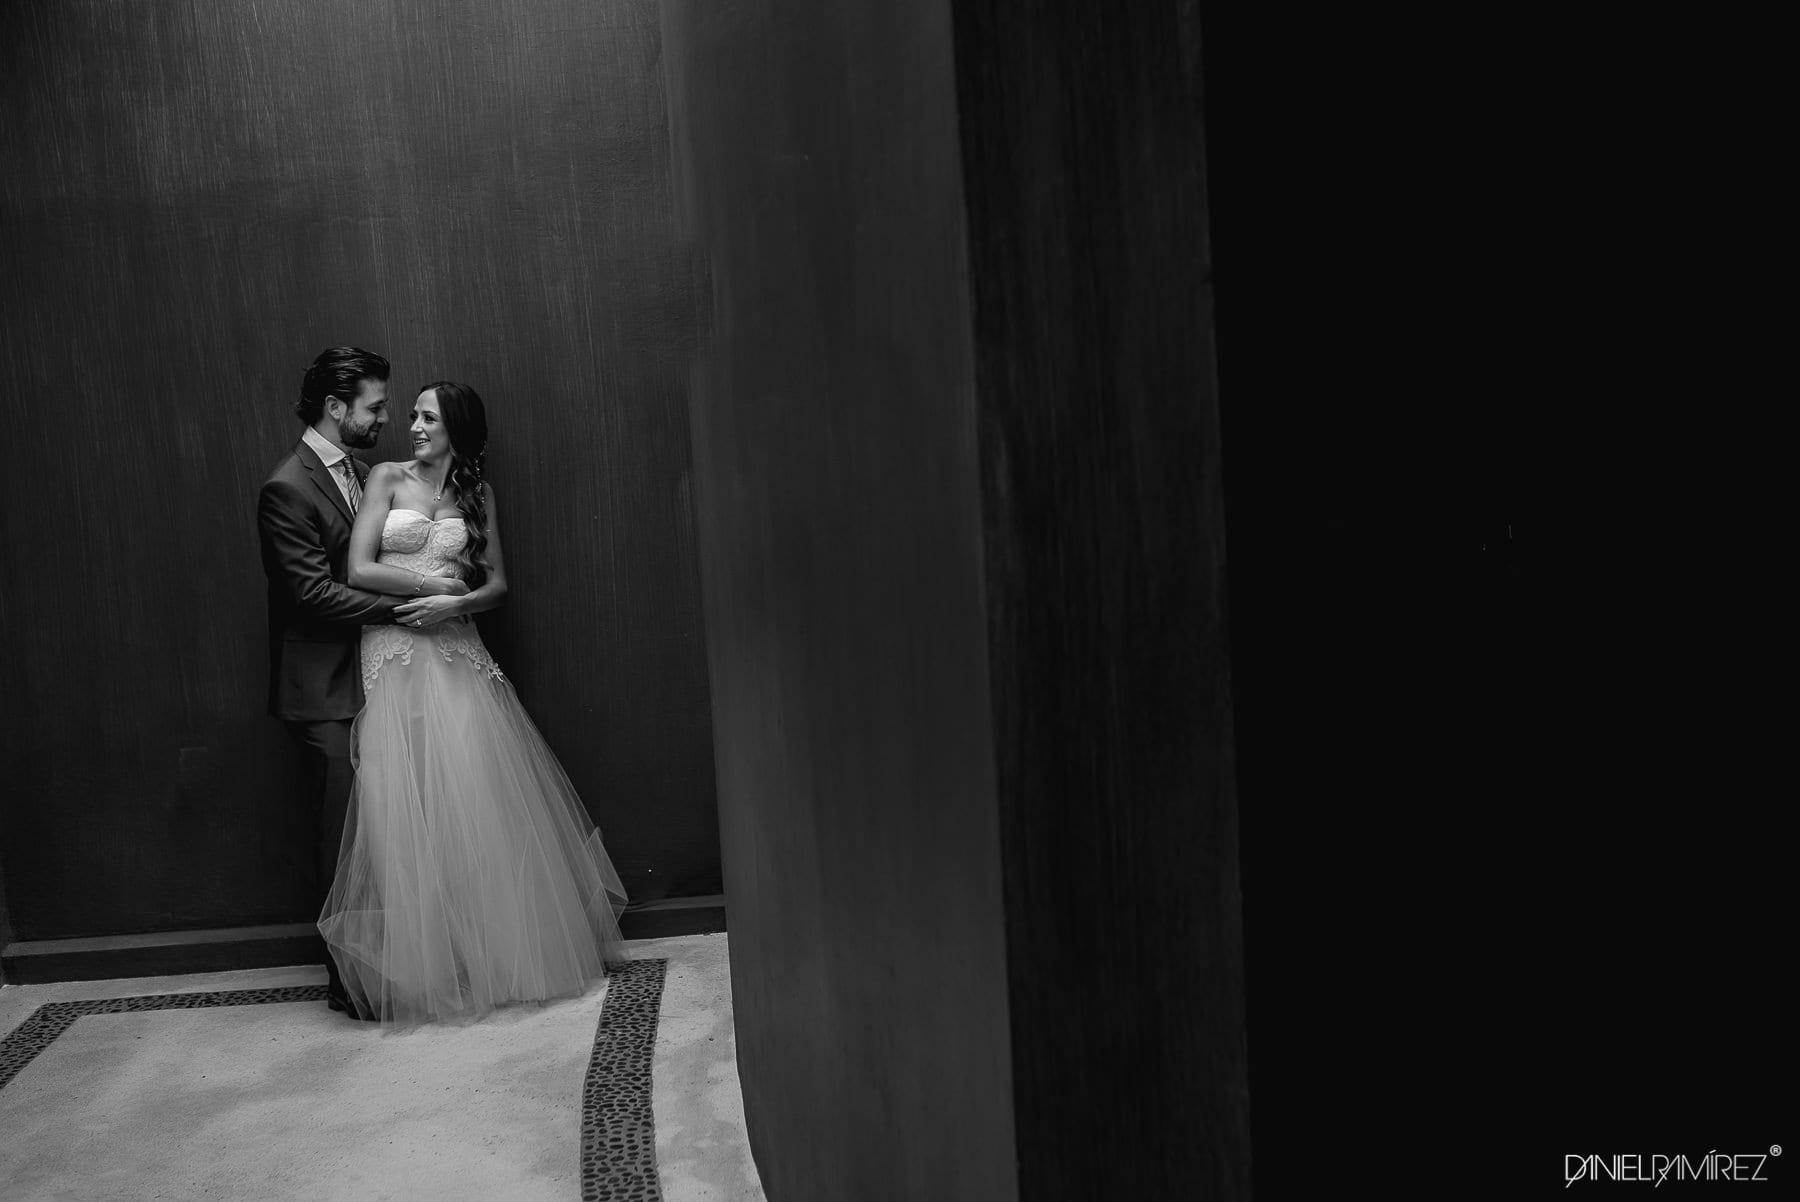 fotografia de bodas cuernavaca